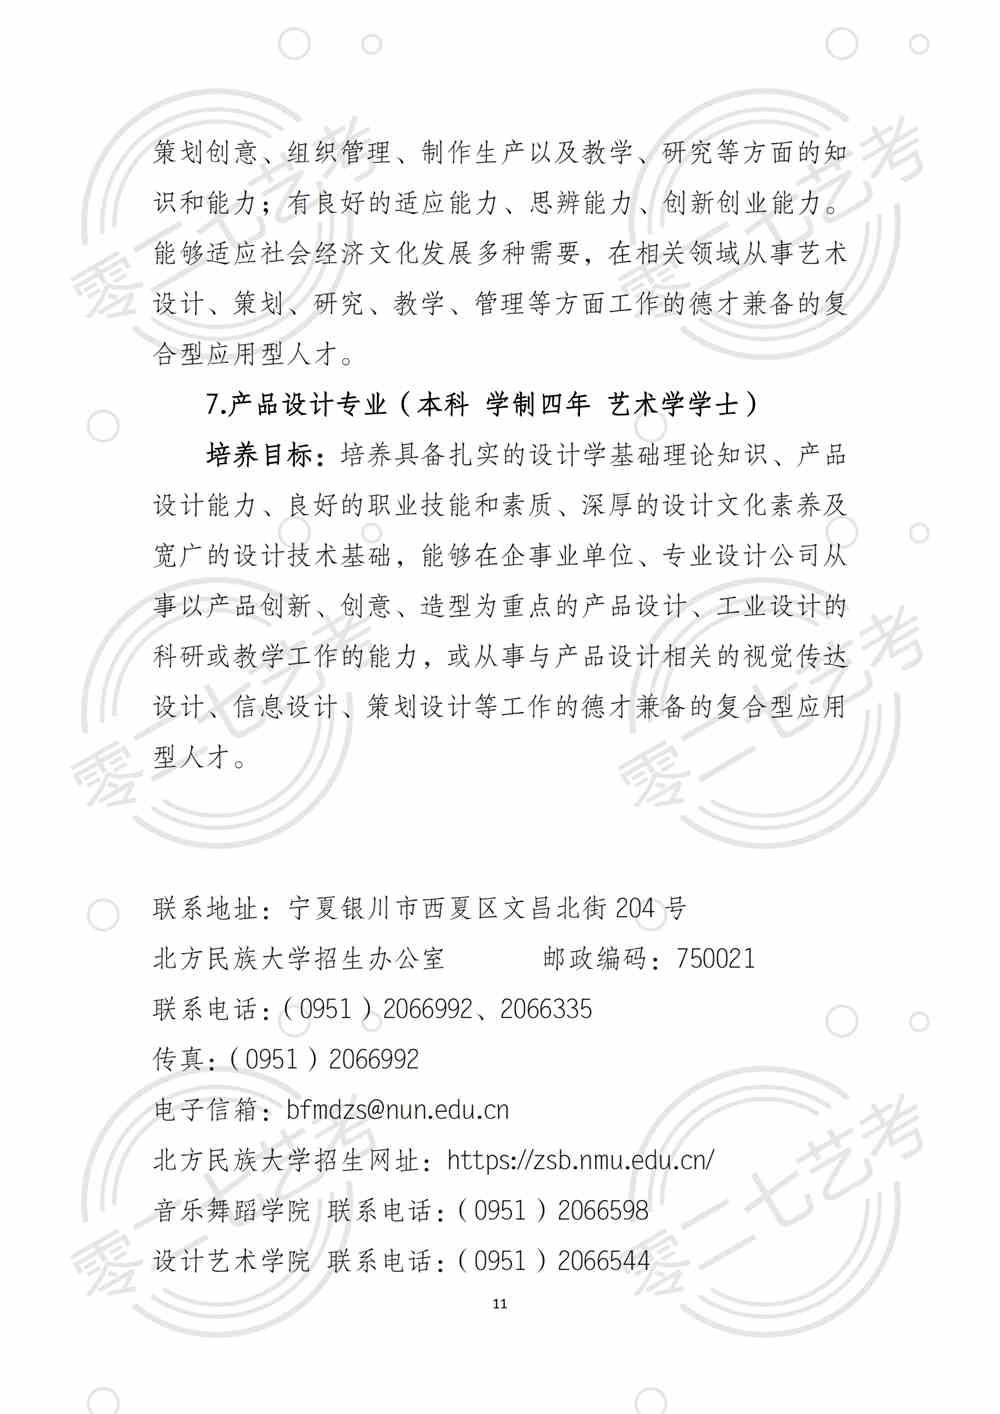 北方民族大学2021年艺术类专业招生简章_10.png